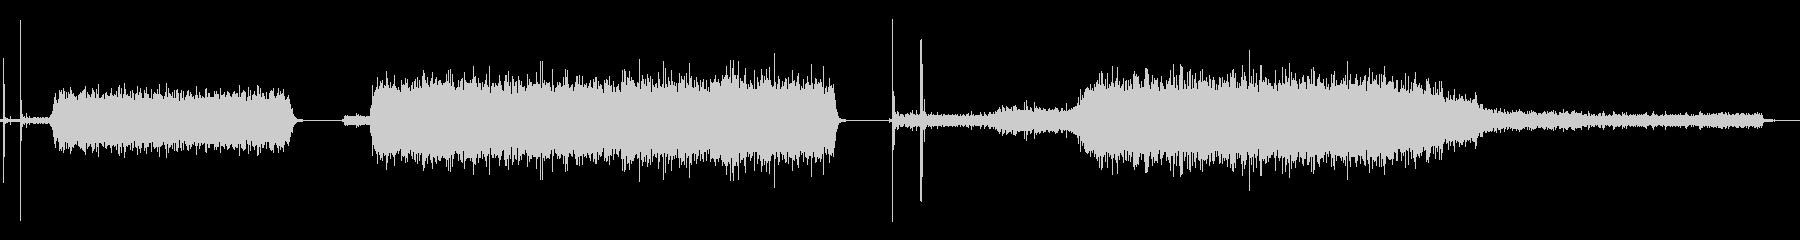 プロパントーチ、イグナイト、フレー...の未再生の波形